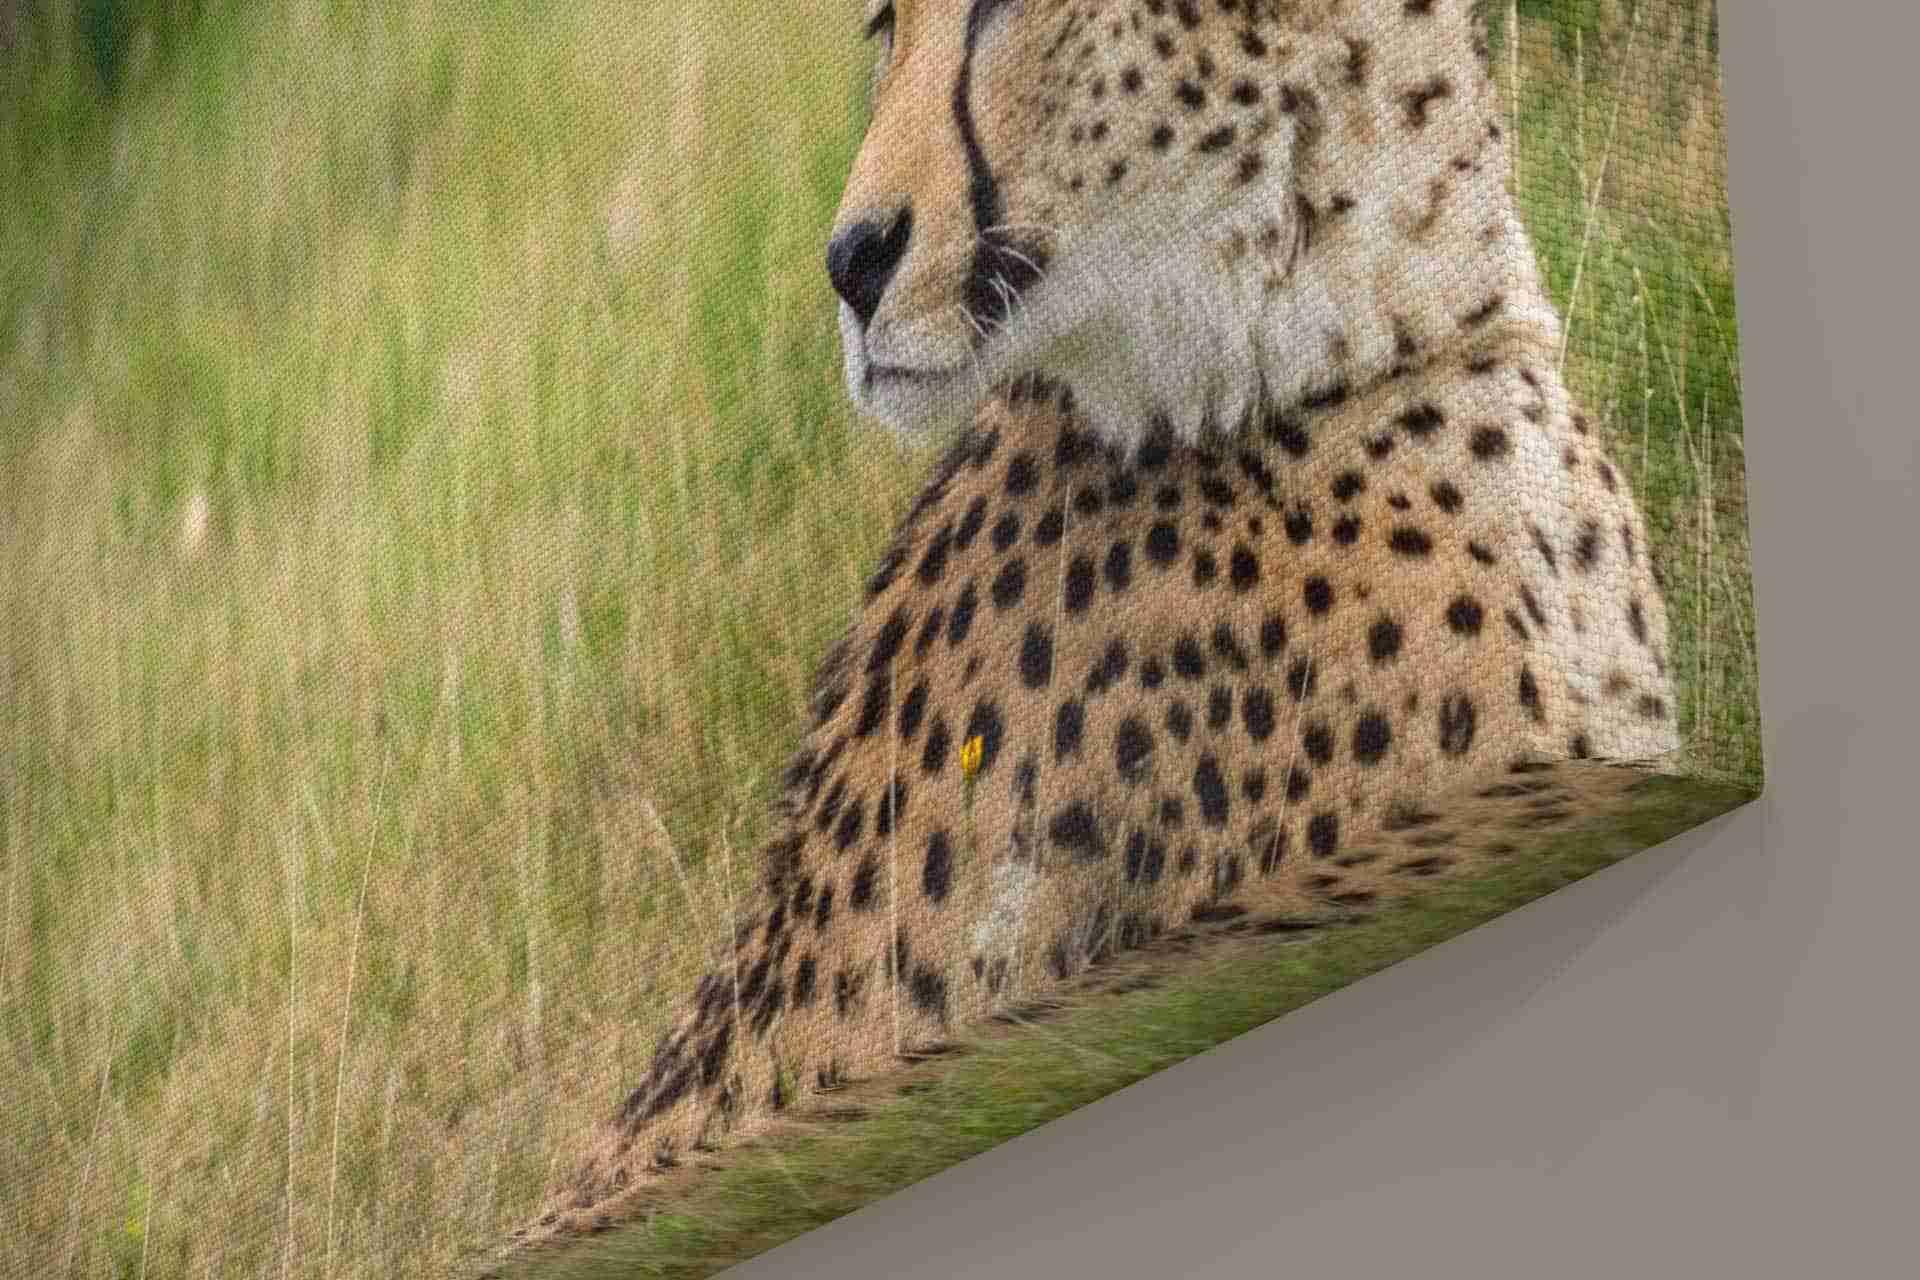 Closeup-Cheetah-1.jpg